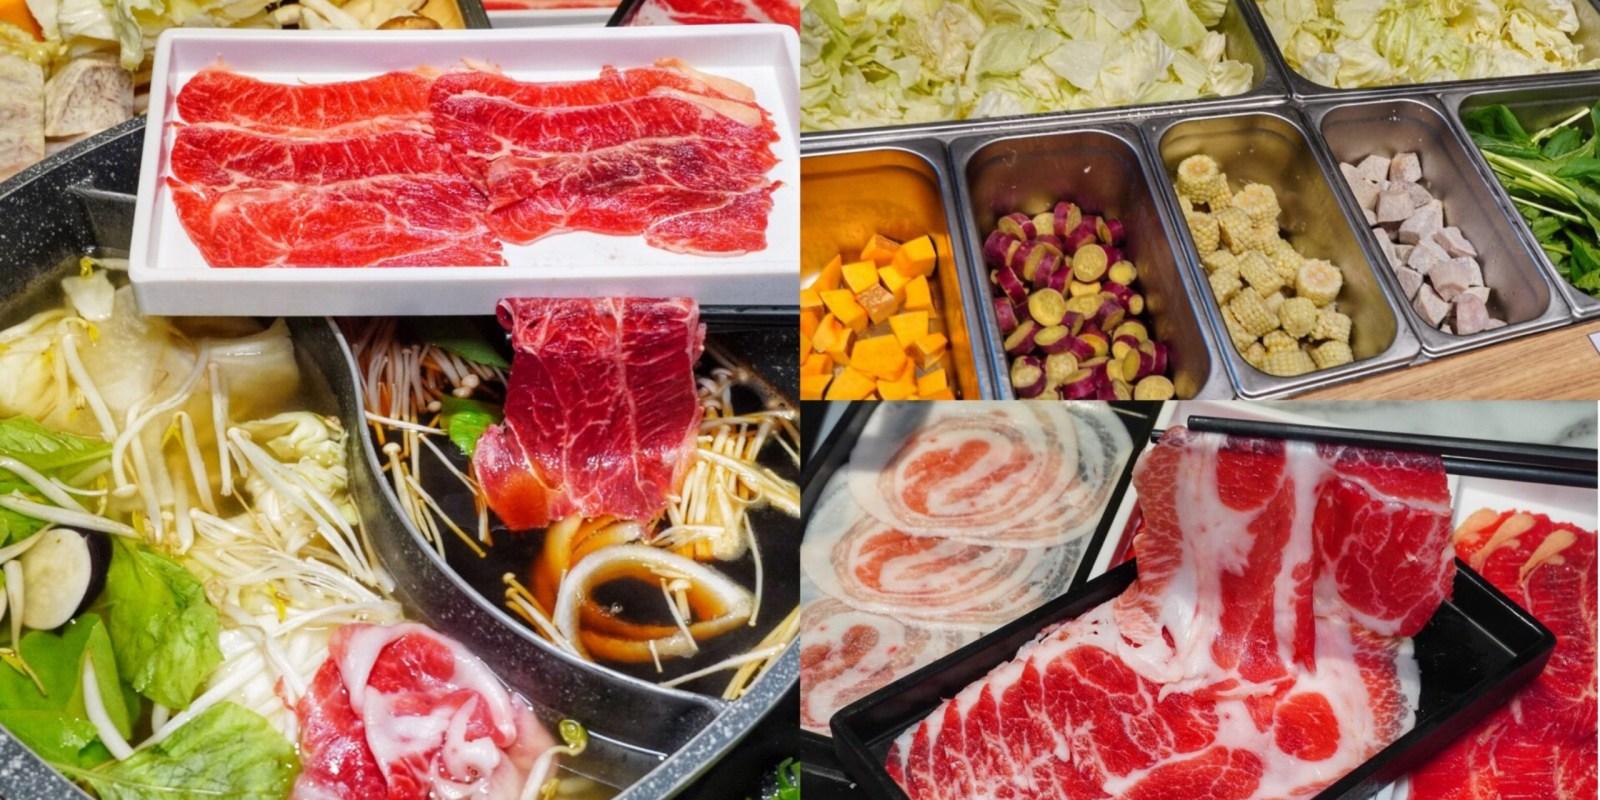 台南月季壽喜燒鍋物吃到飽!299元六種肉品/蔬菜自助吧/牛丼/打拋豬/冰淇淋飲料 無限量供應